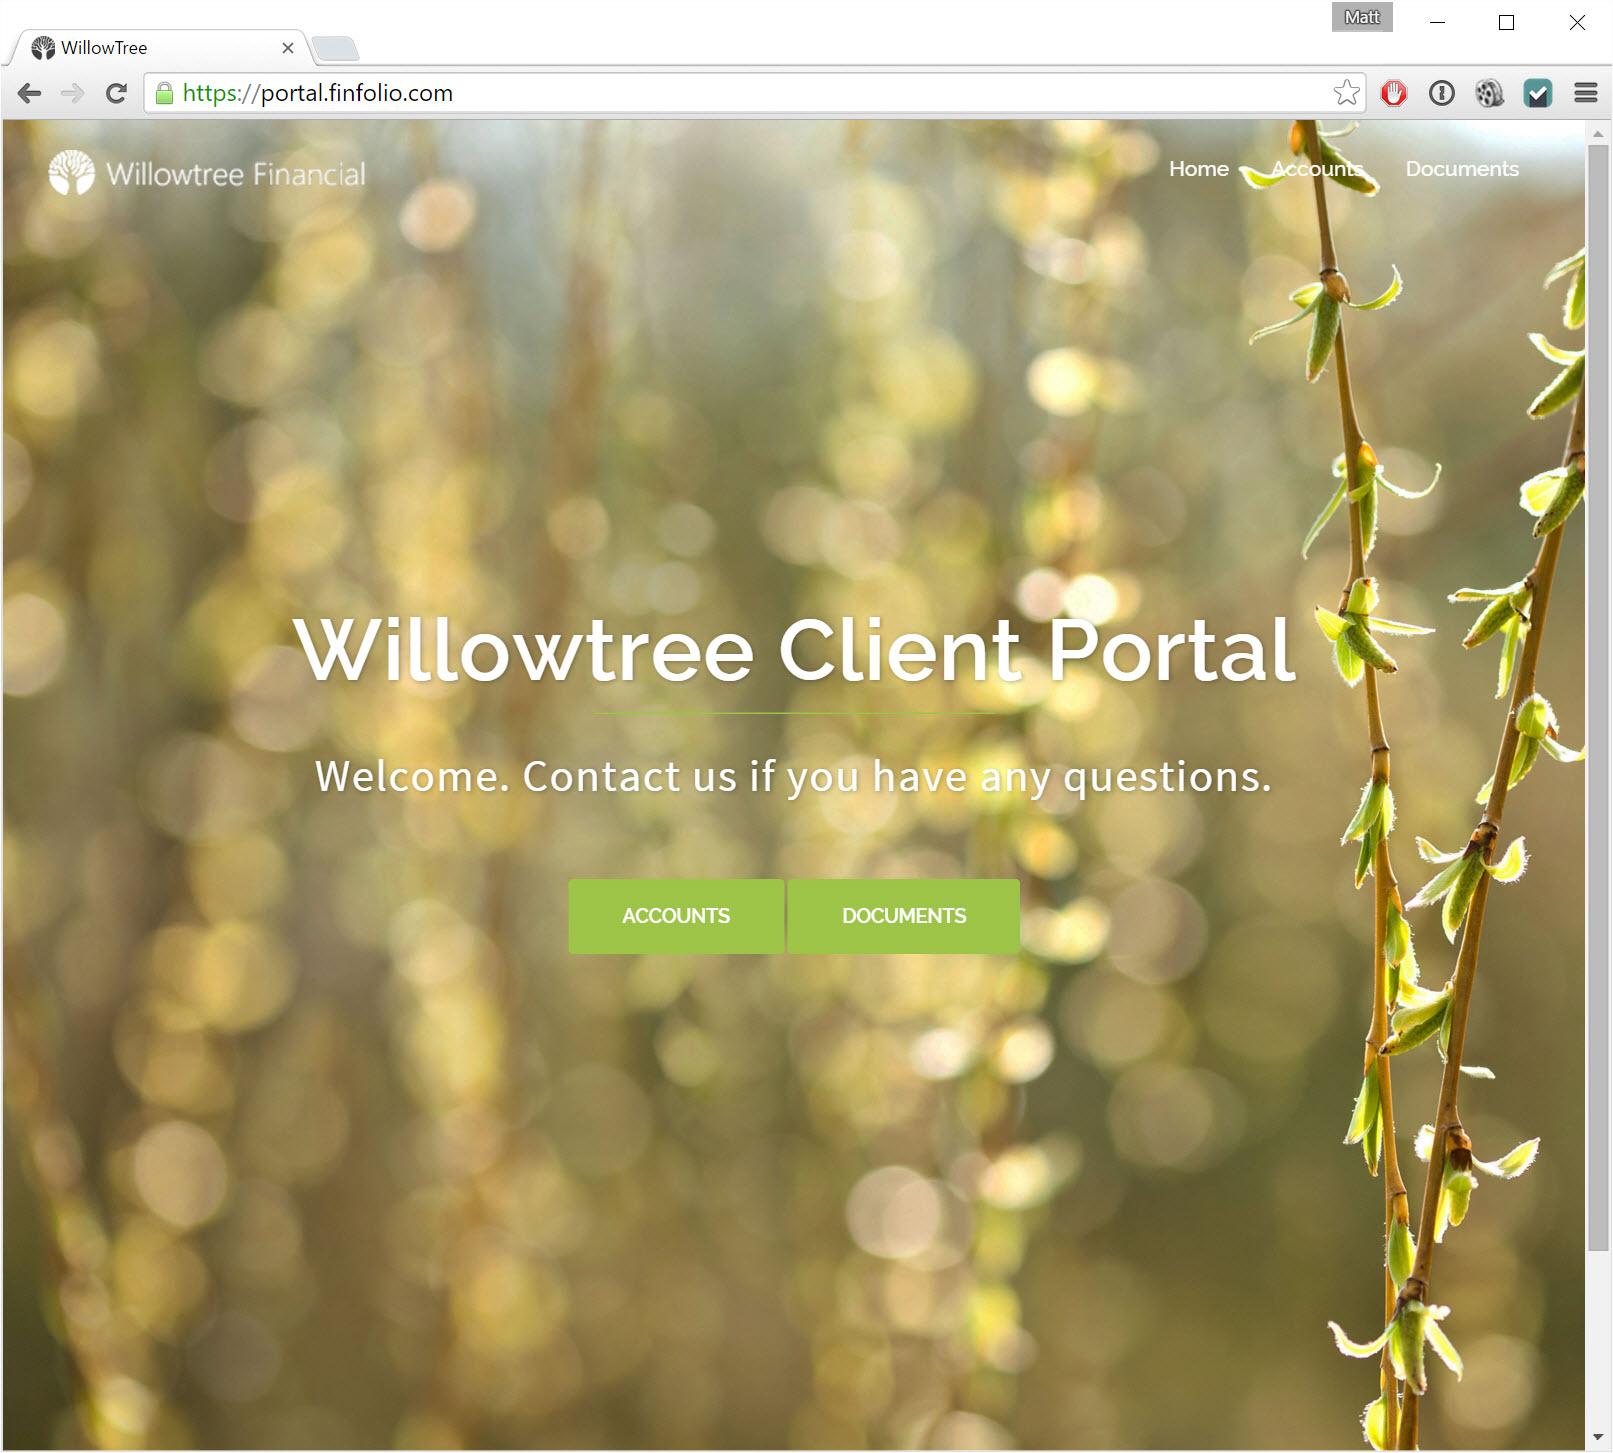 portal_v2_main.jpg